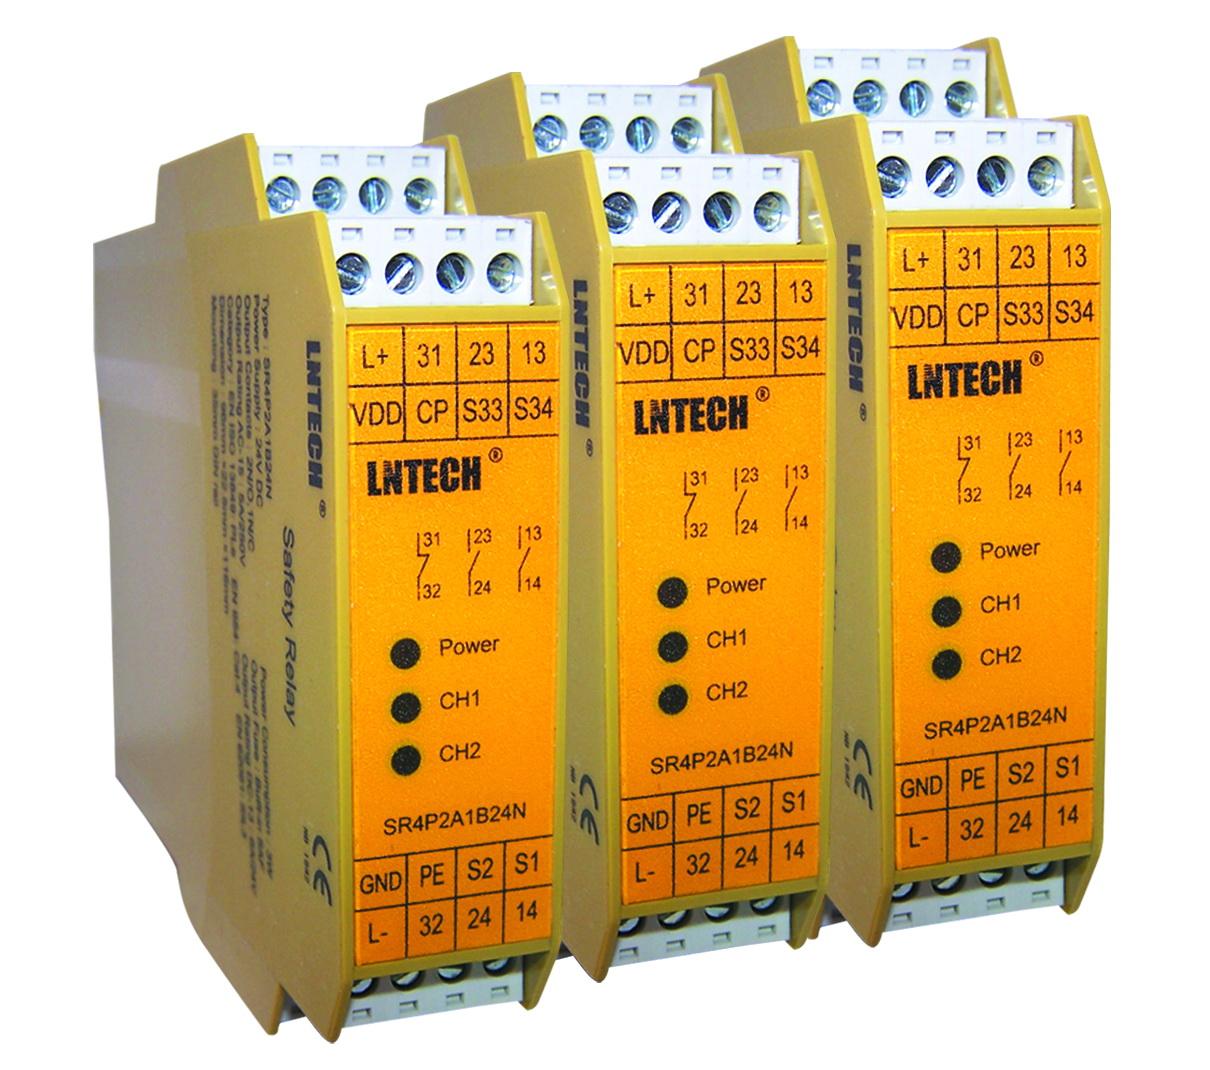 安全继电器sr4p2a1b24